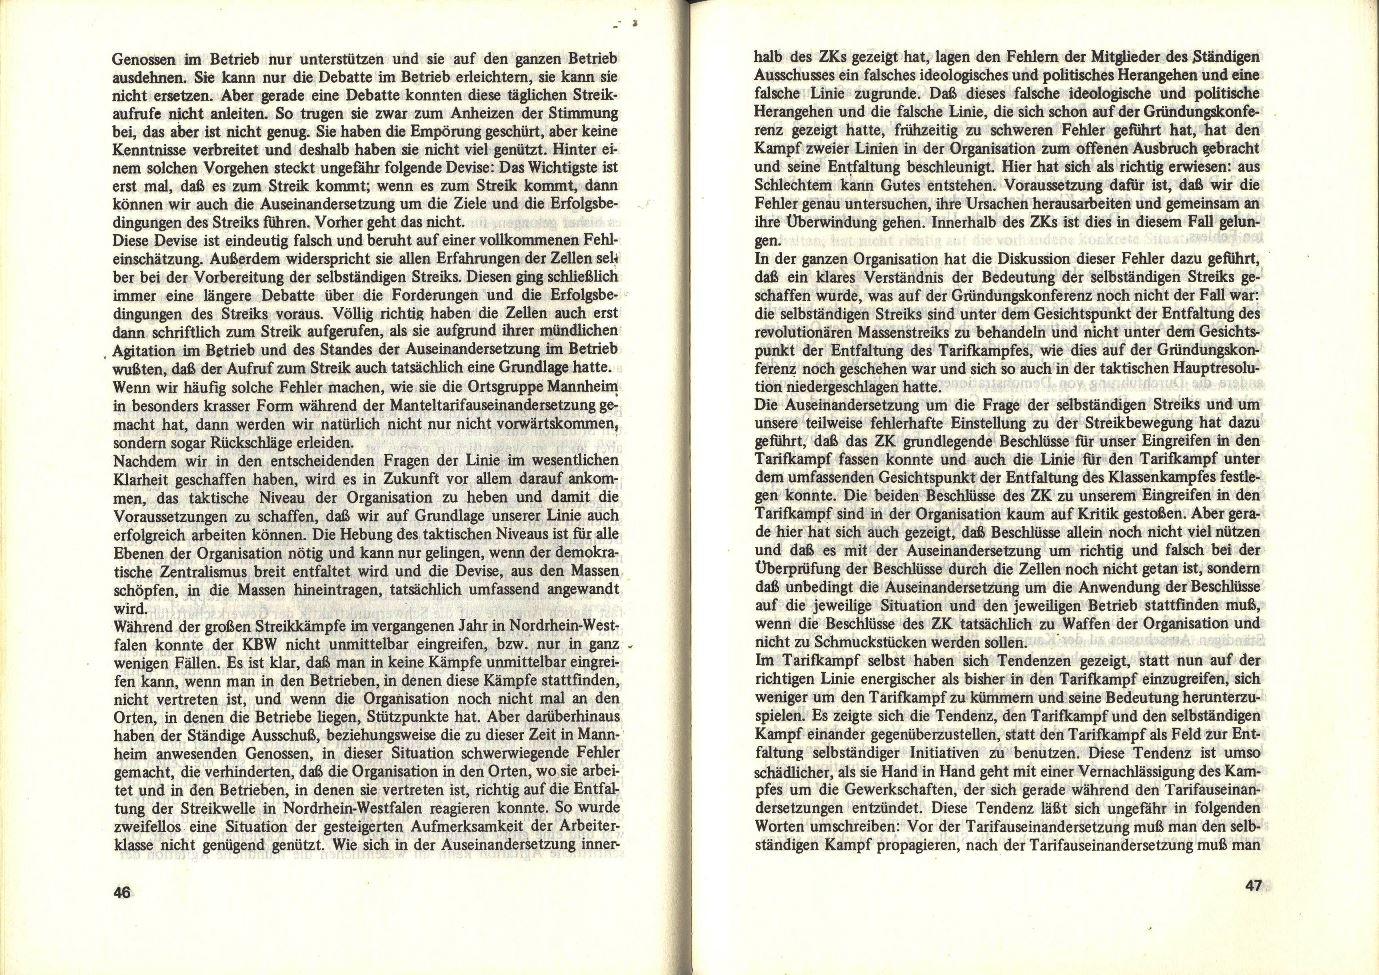 KBW_1974_Politischer_Bericht025